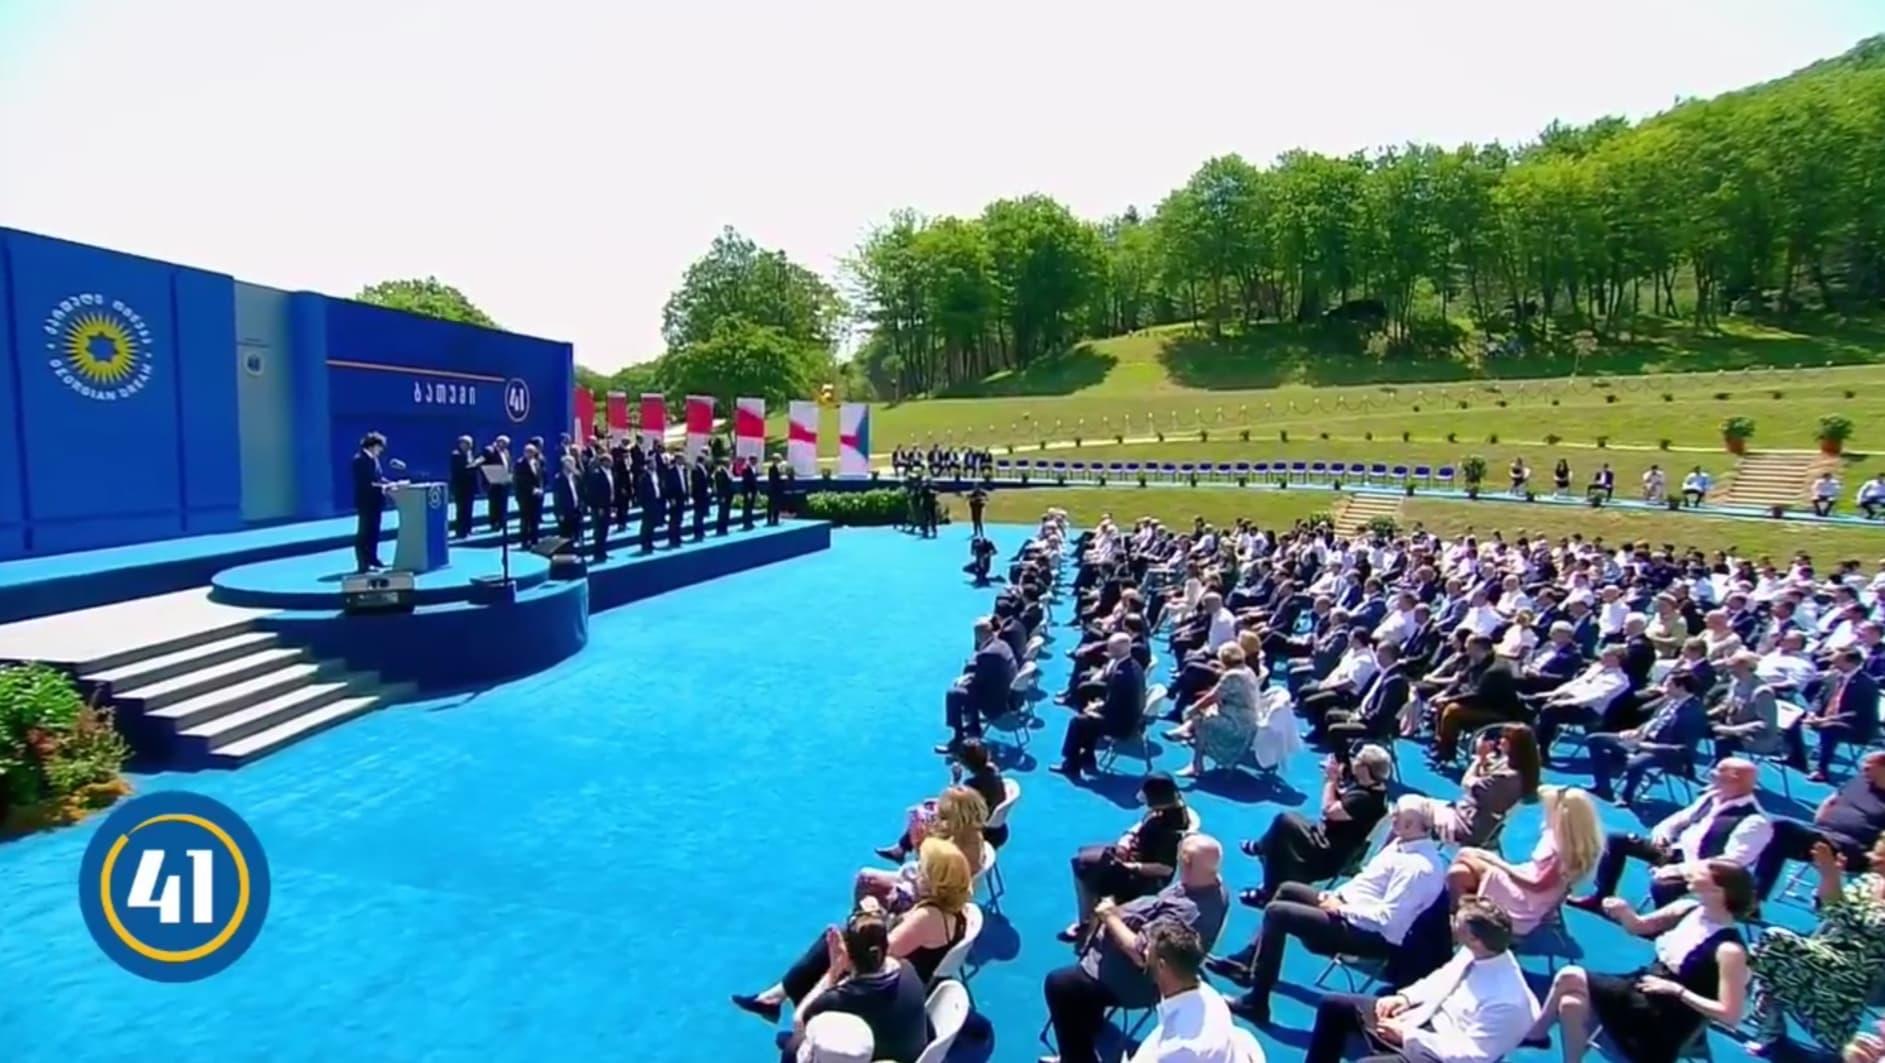 georgian dream elections2020 #новости Выборы 2020, Грузинская мечта, мажоритарные кандидаты